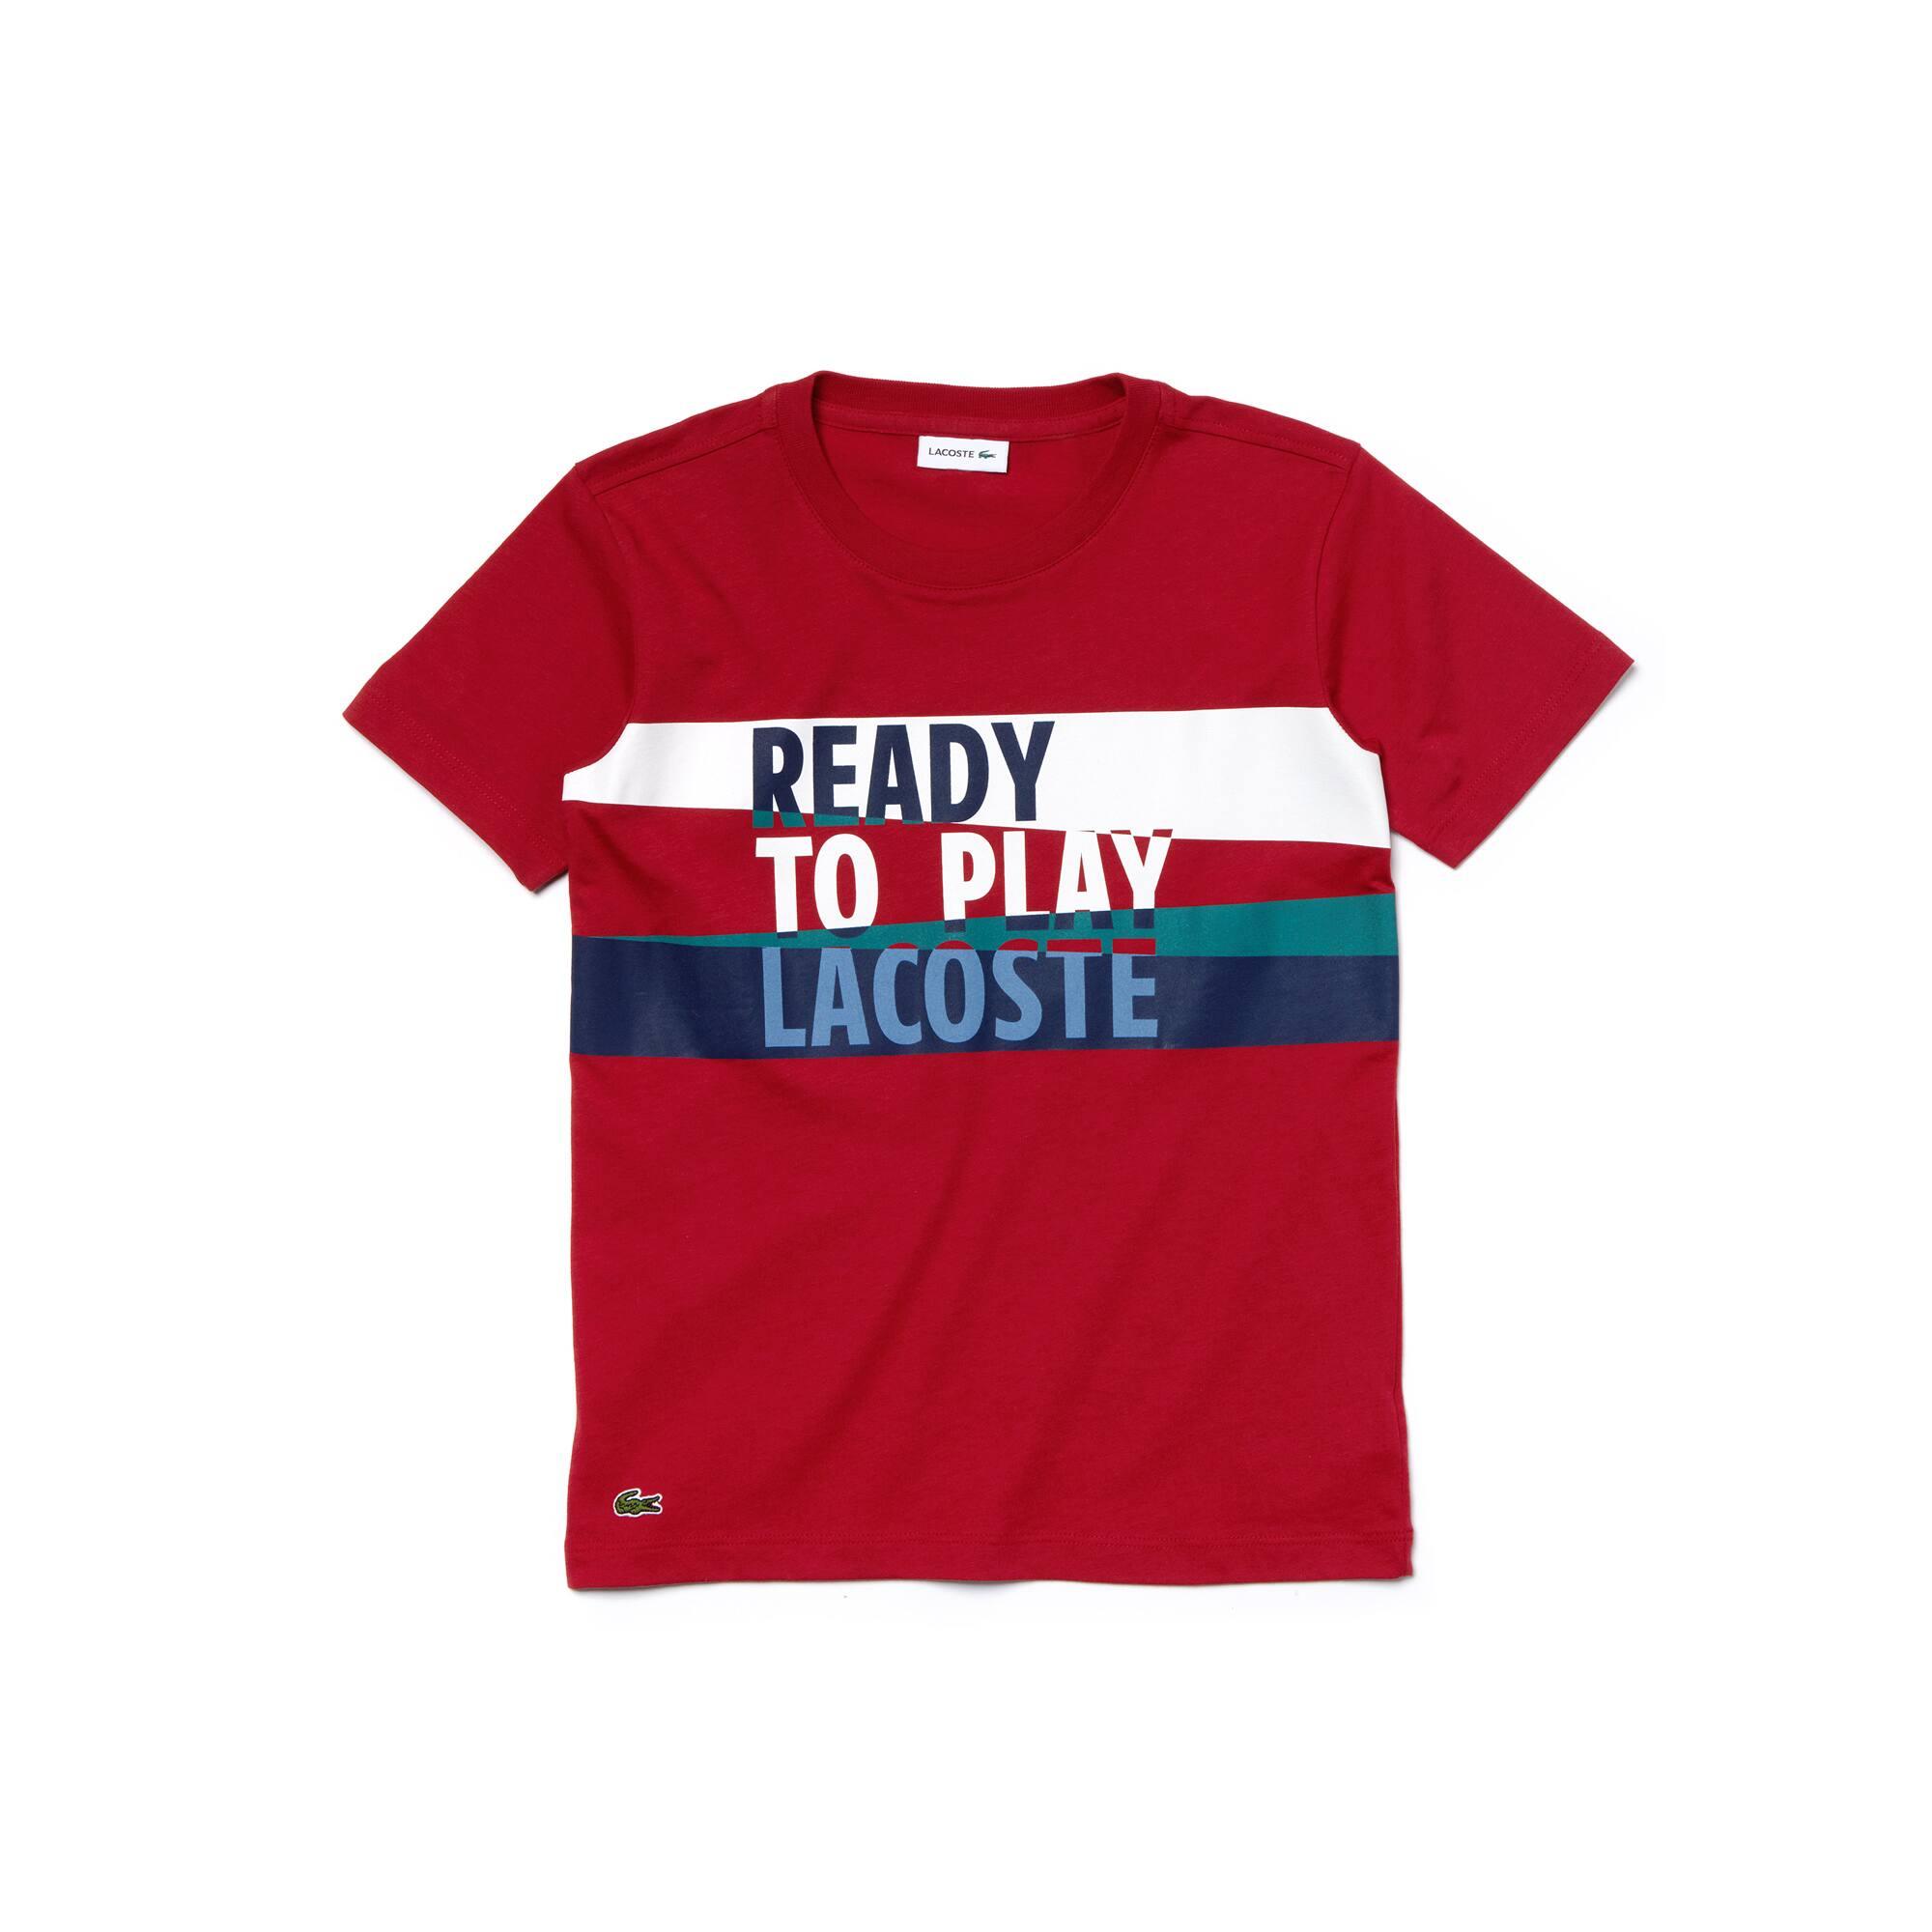 Lacoste - Camiseta De Niño En Tejido De Punto De Algodón Con Inscripción Ready To Play Y Cuello Redondo - 3